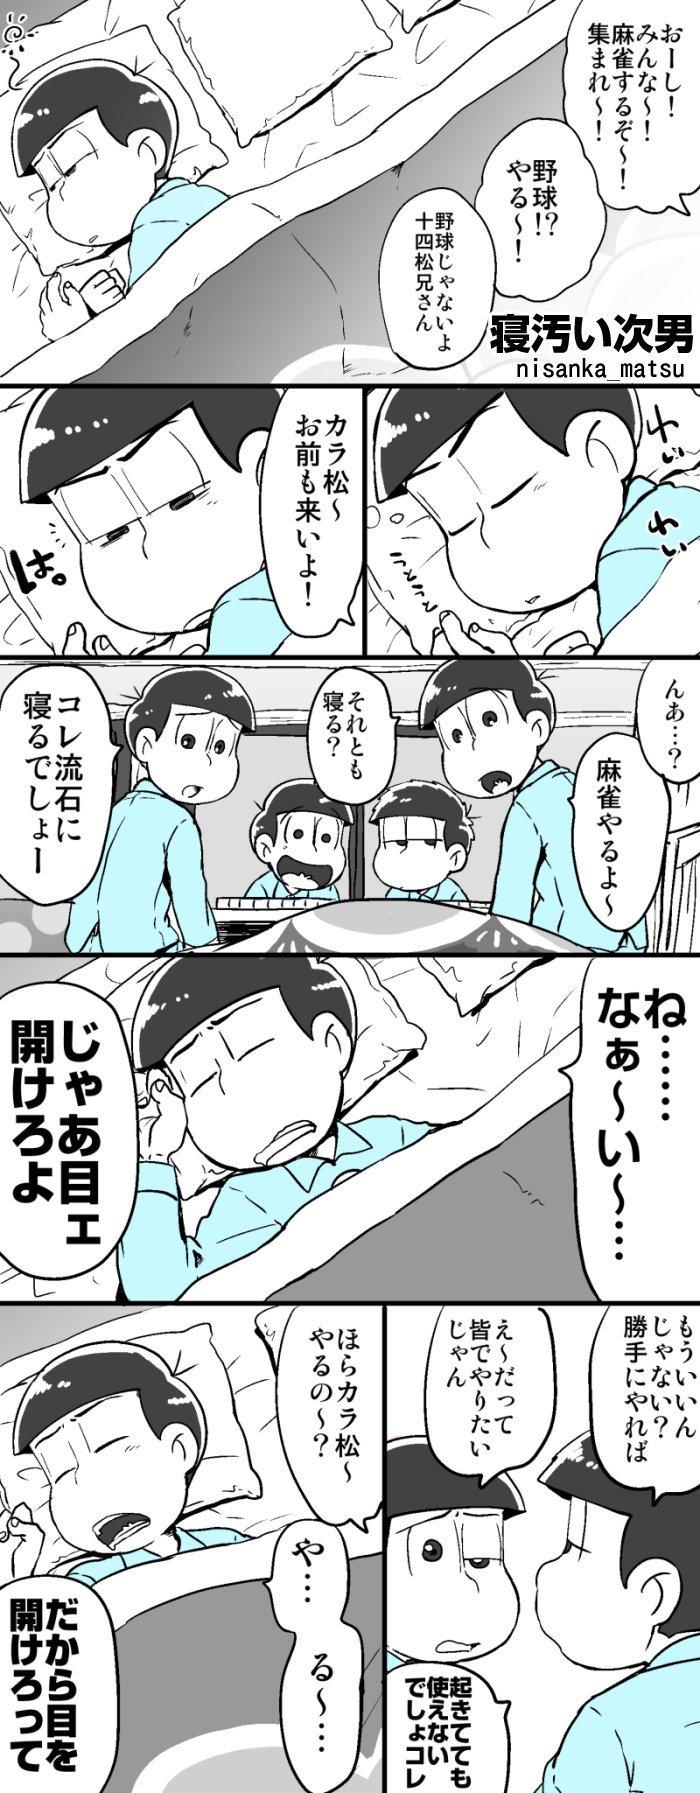 おそ松 さん pixiv 漫画 ゲーム を しよう